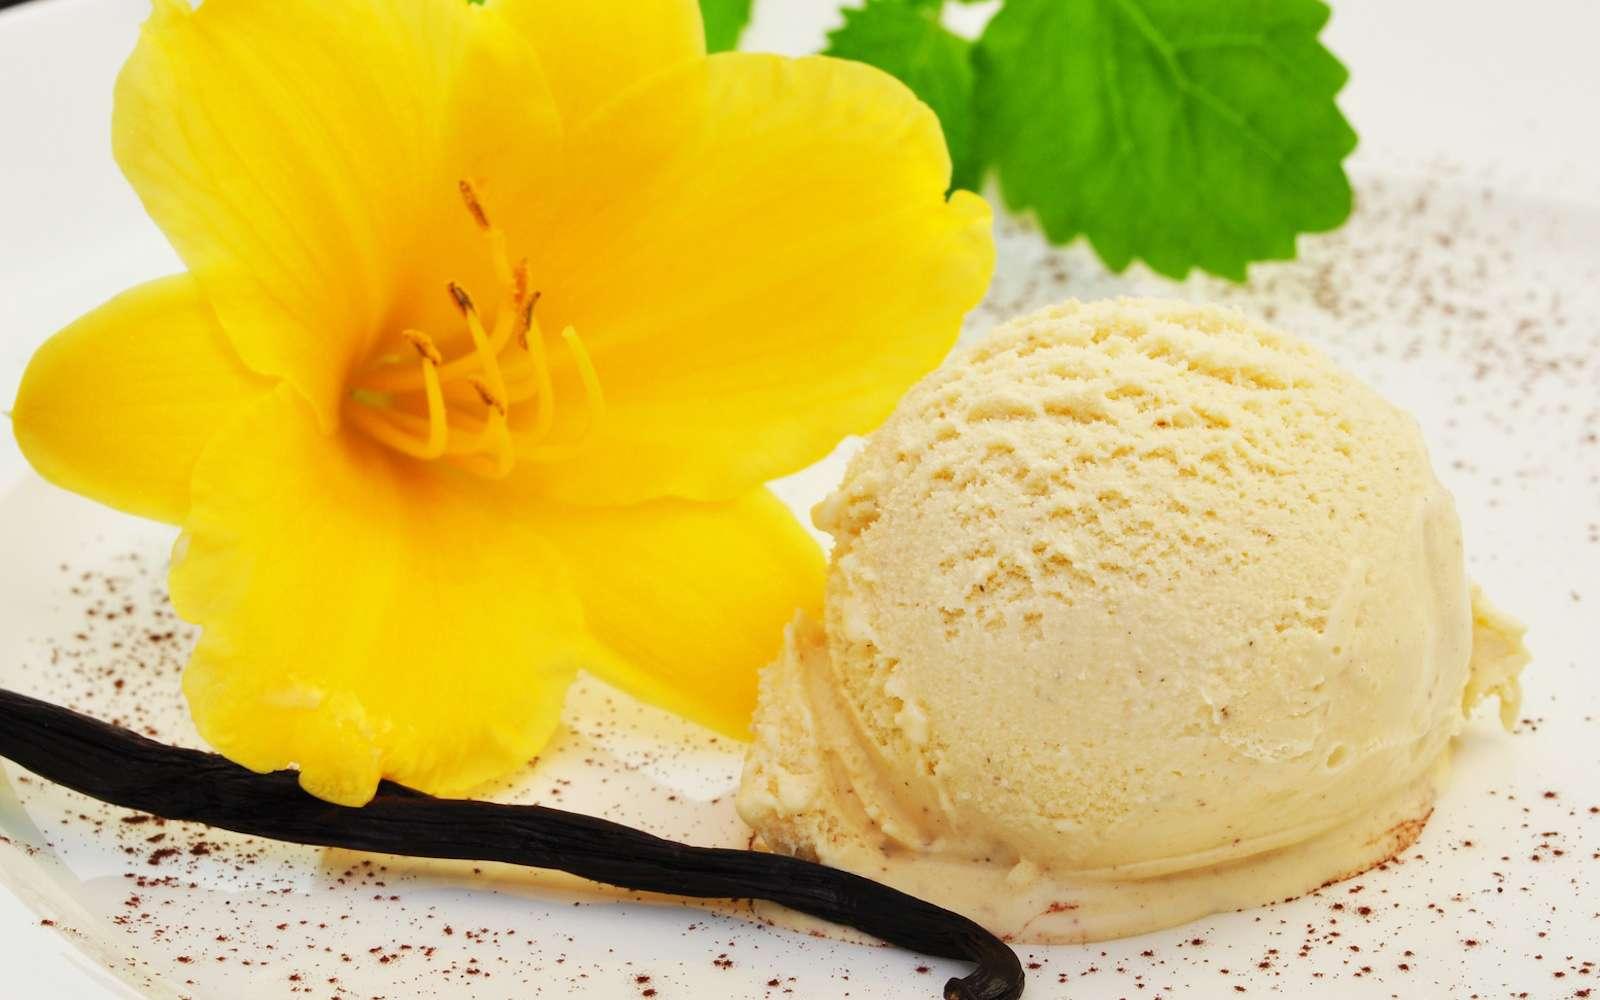 La vanilline est l'arôme le plus utilisé dans l'industrie agroalimentaire. © Printemps, Fotolia